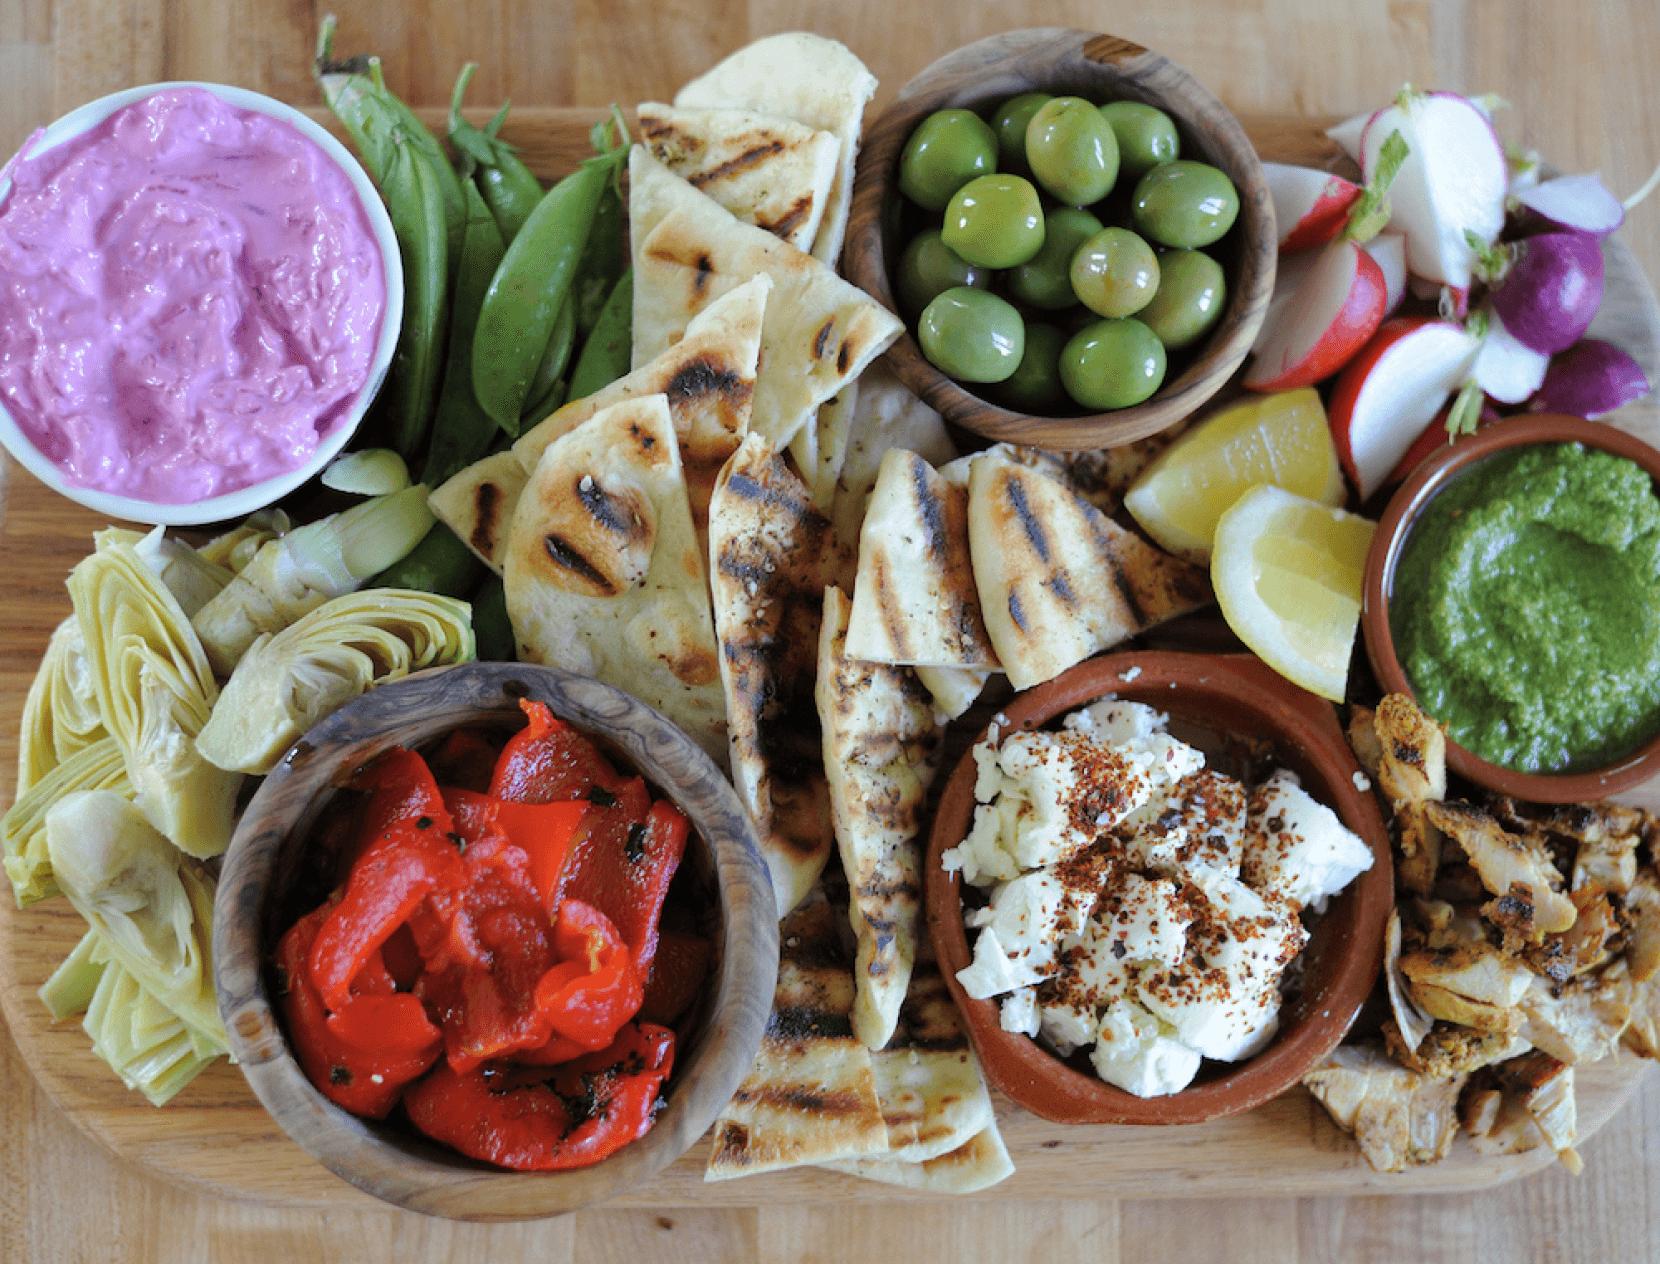 olives pita bread feta cheese snack board